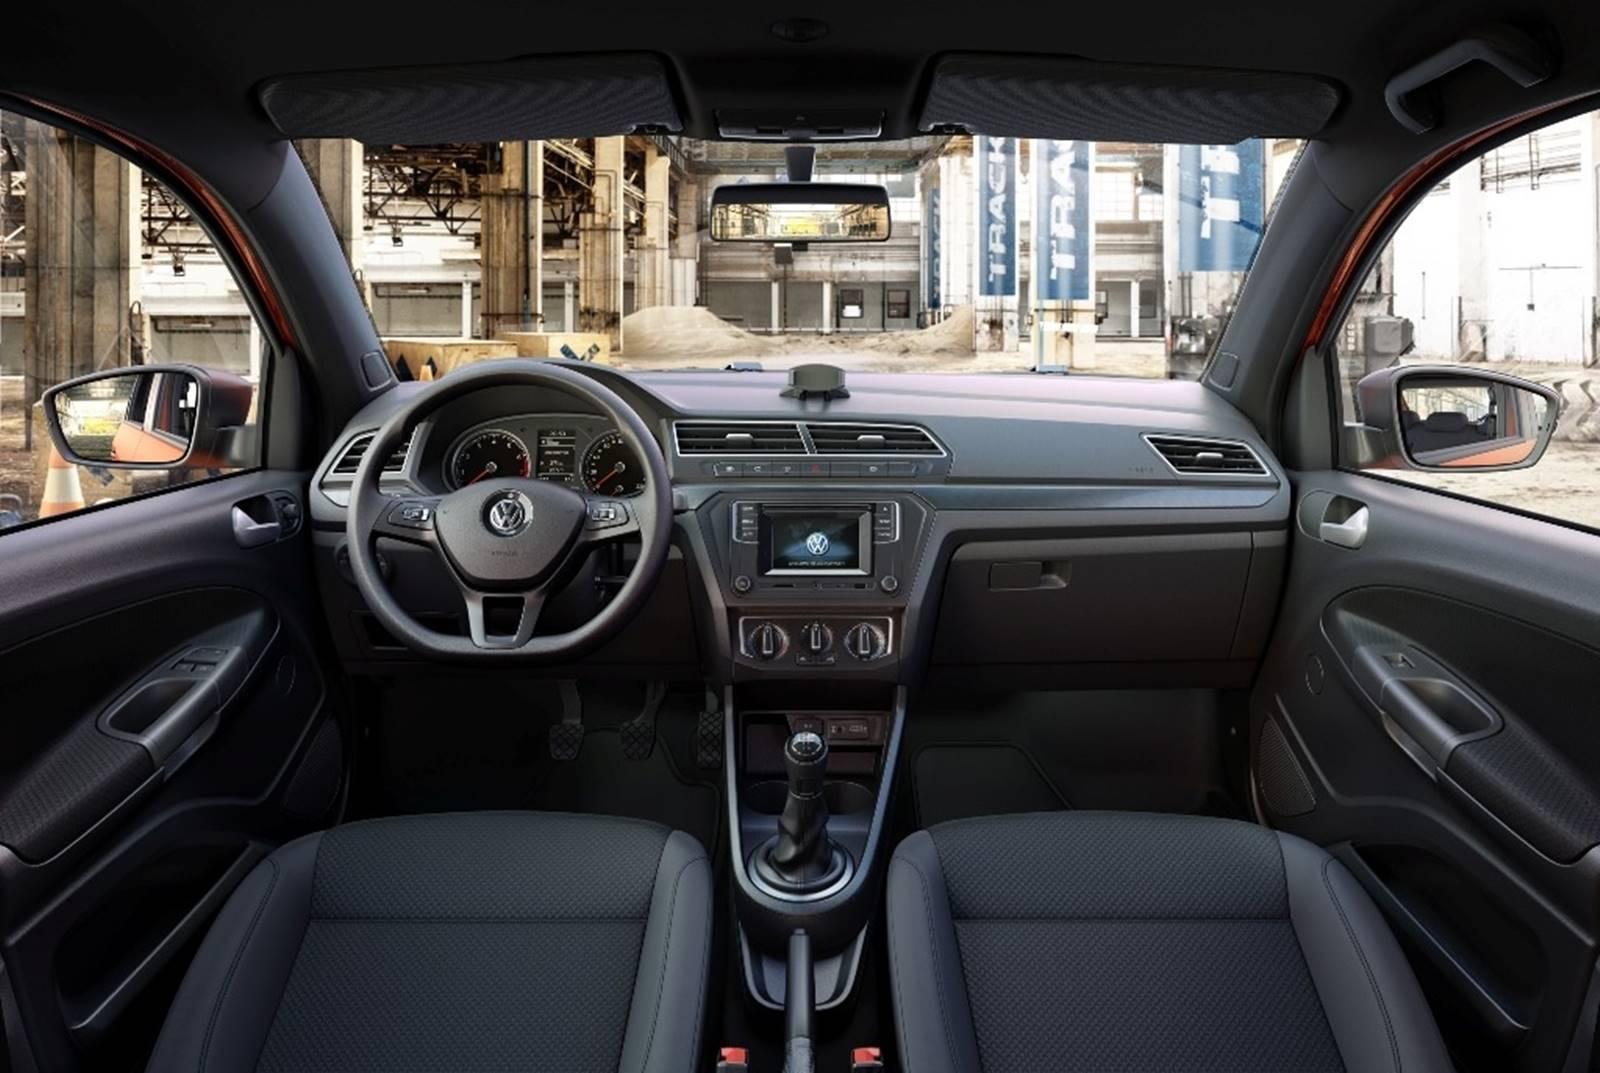 Volkswagen gol track 2017 fotos e especifica es oficiais for Interior gol trend 2018